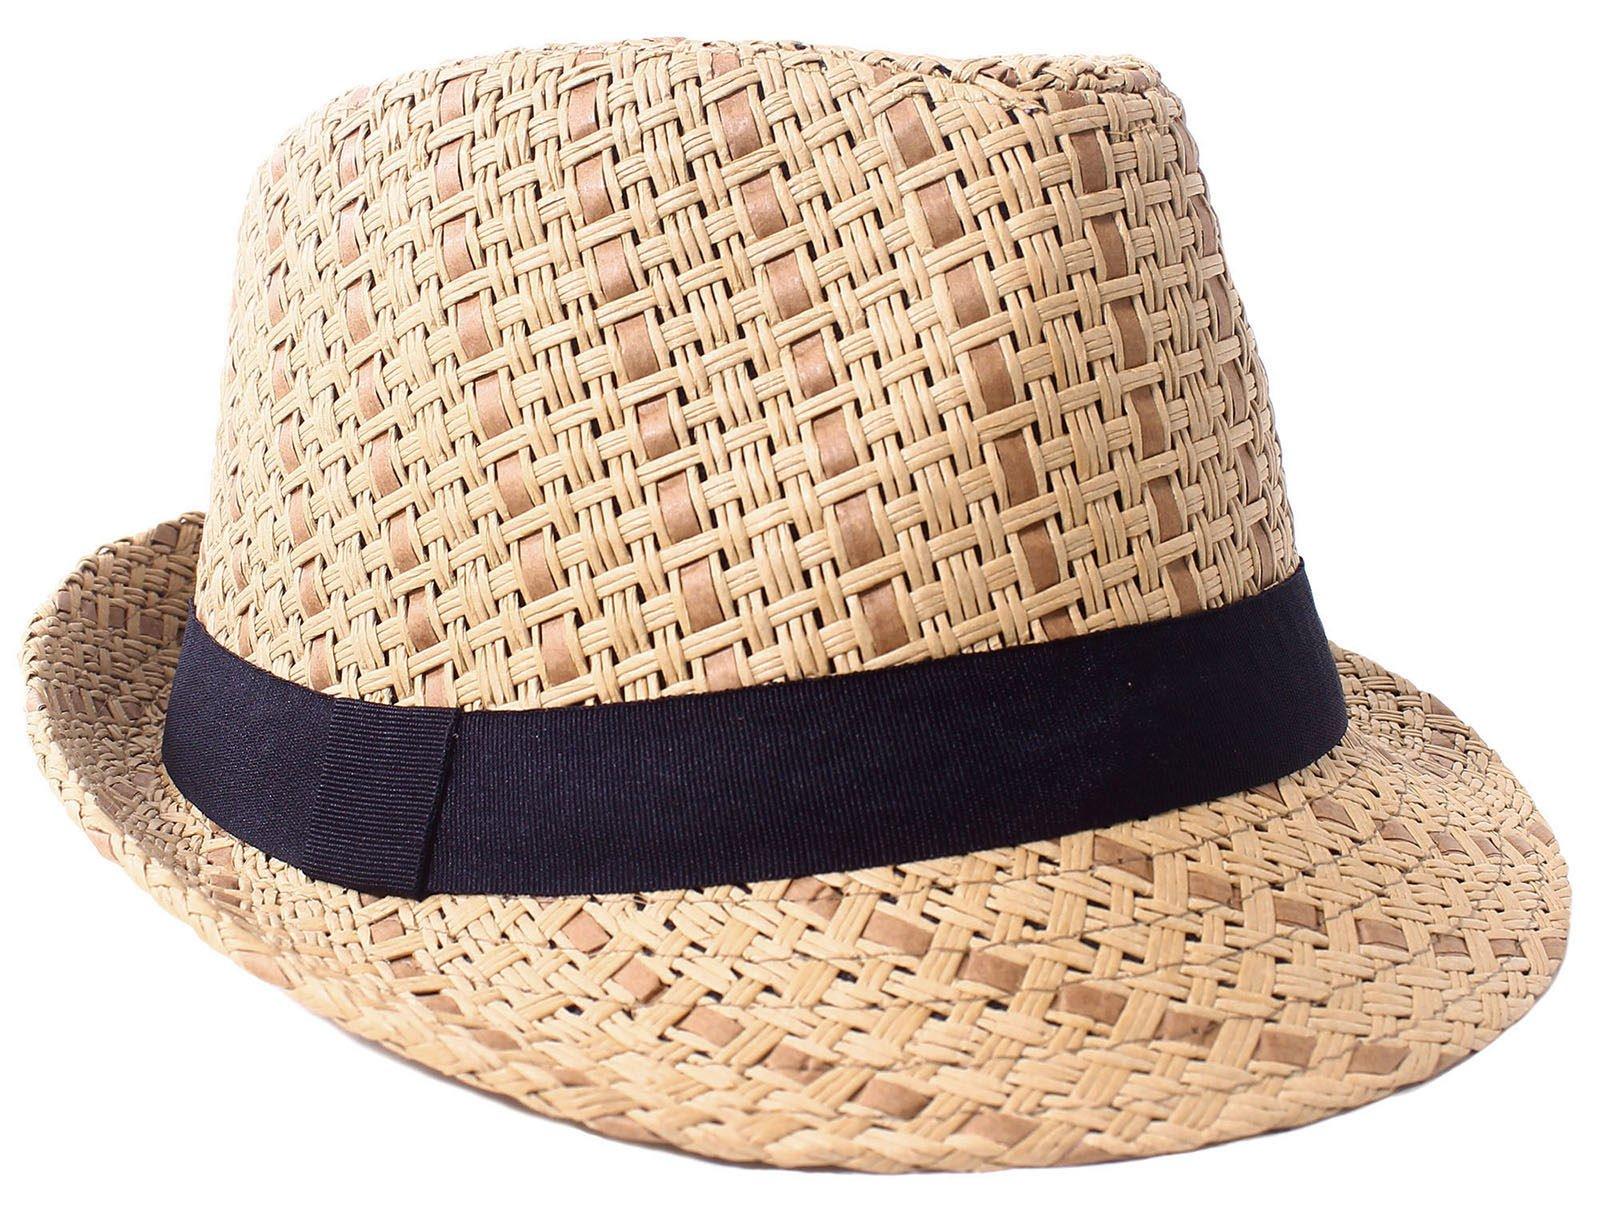 Verabella Straw Fedora Hat Women/Men's Summer Short Brim Straw Sun Hat,Brown,LXL